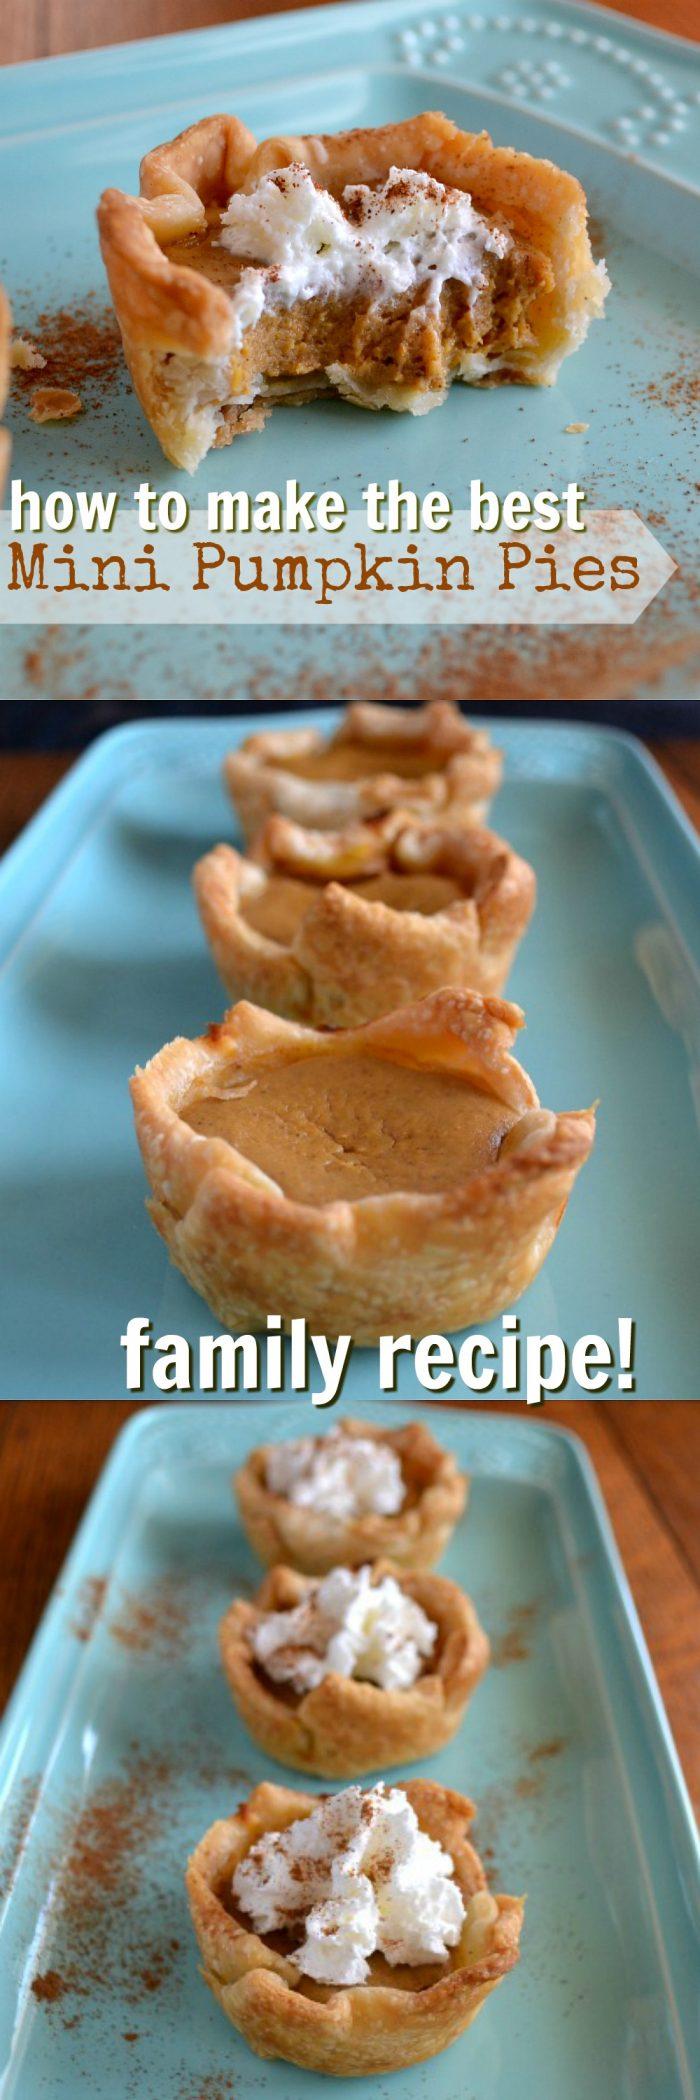 how to make grandma's mini pumpkin pies!